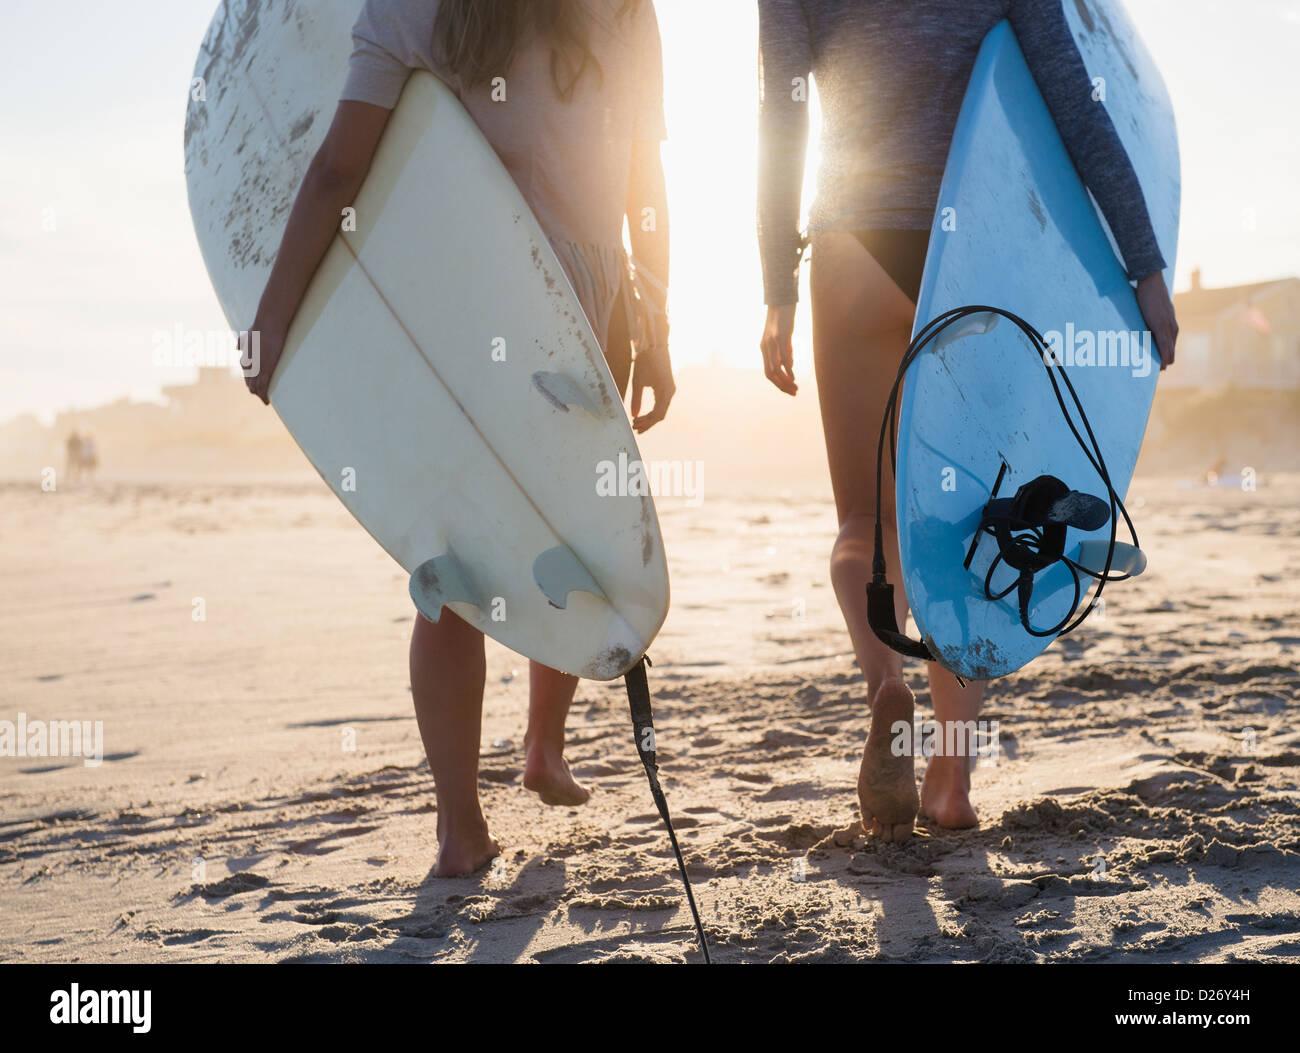 Stati Uniti d'America, nello Stato di New York, Rockaway Beach, due femmina surfers camminando sulla spiaggia Immagini Stock